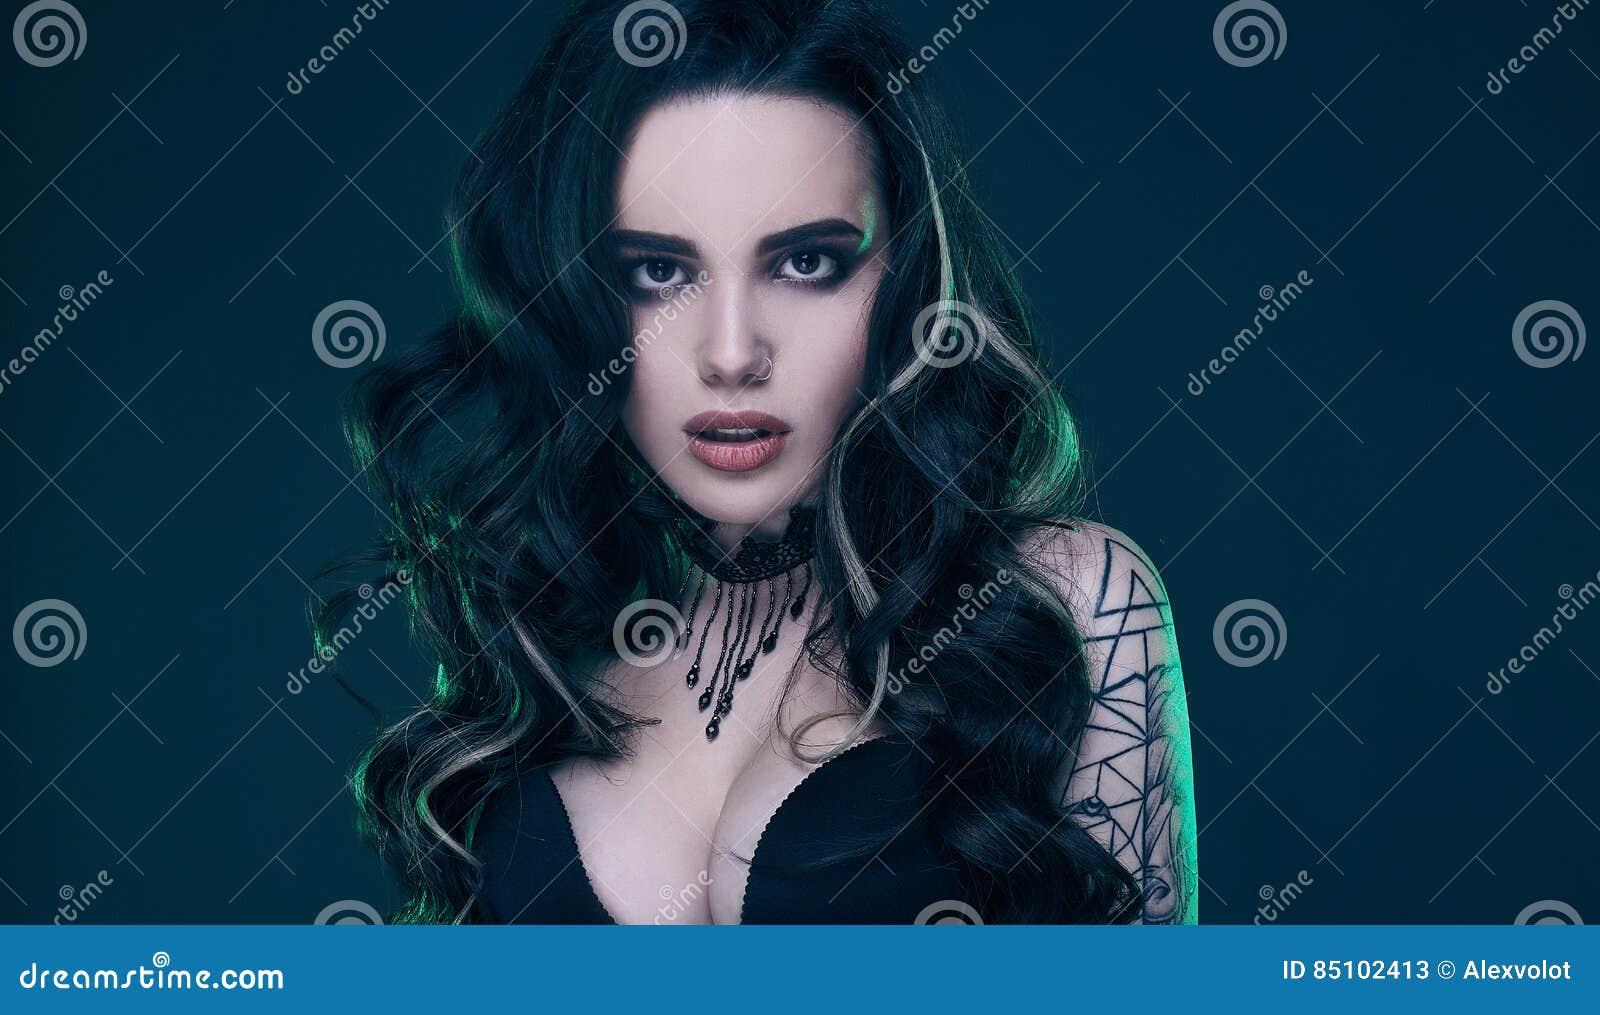 Сексуальная готическая девушка